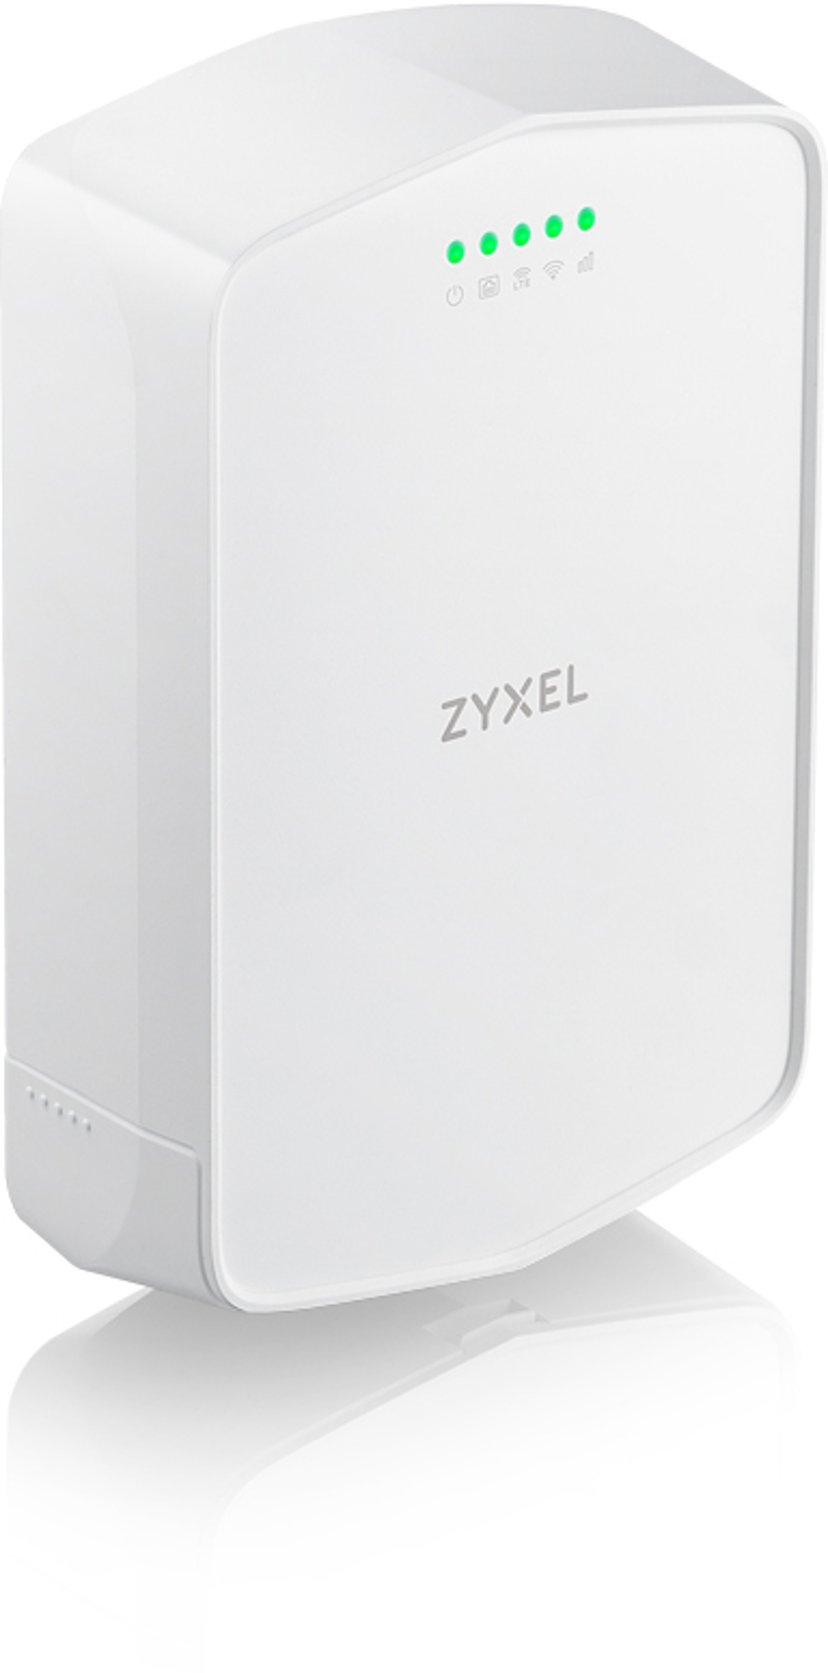 Zyxel Zyxel LTE7240-M403